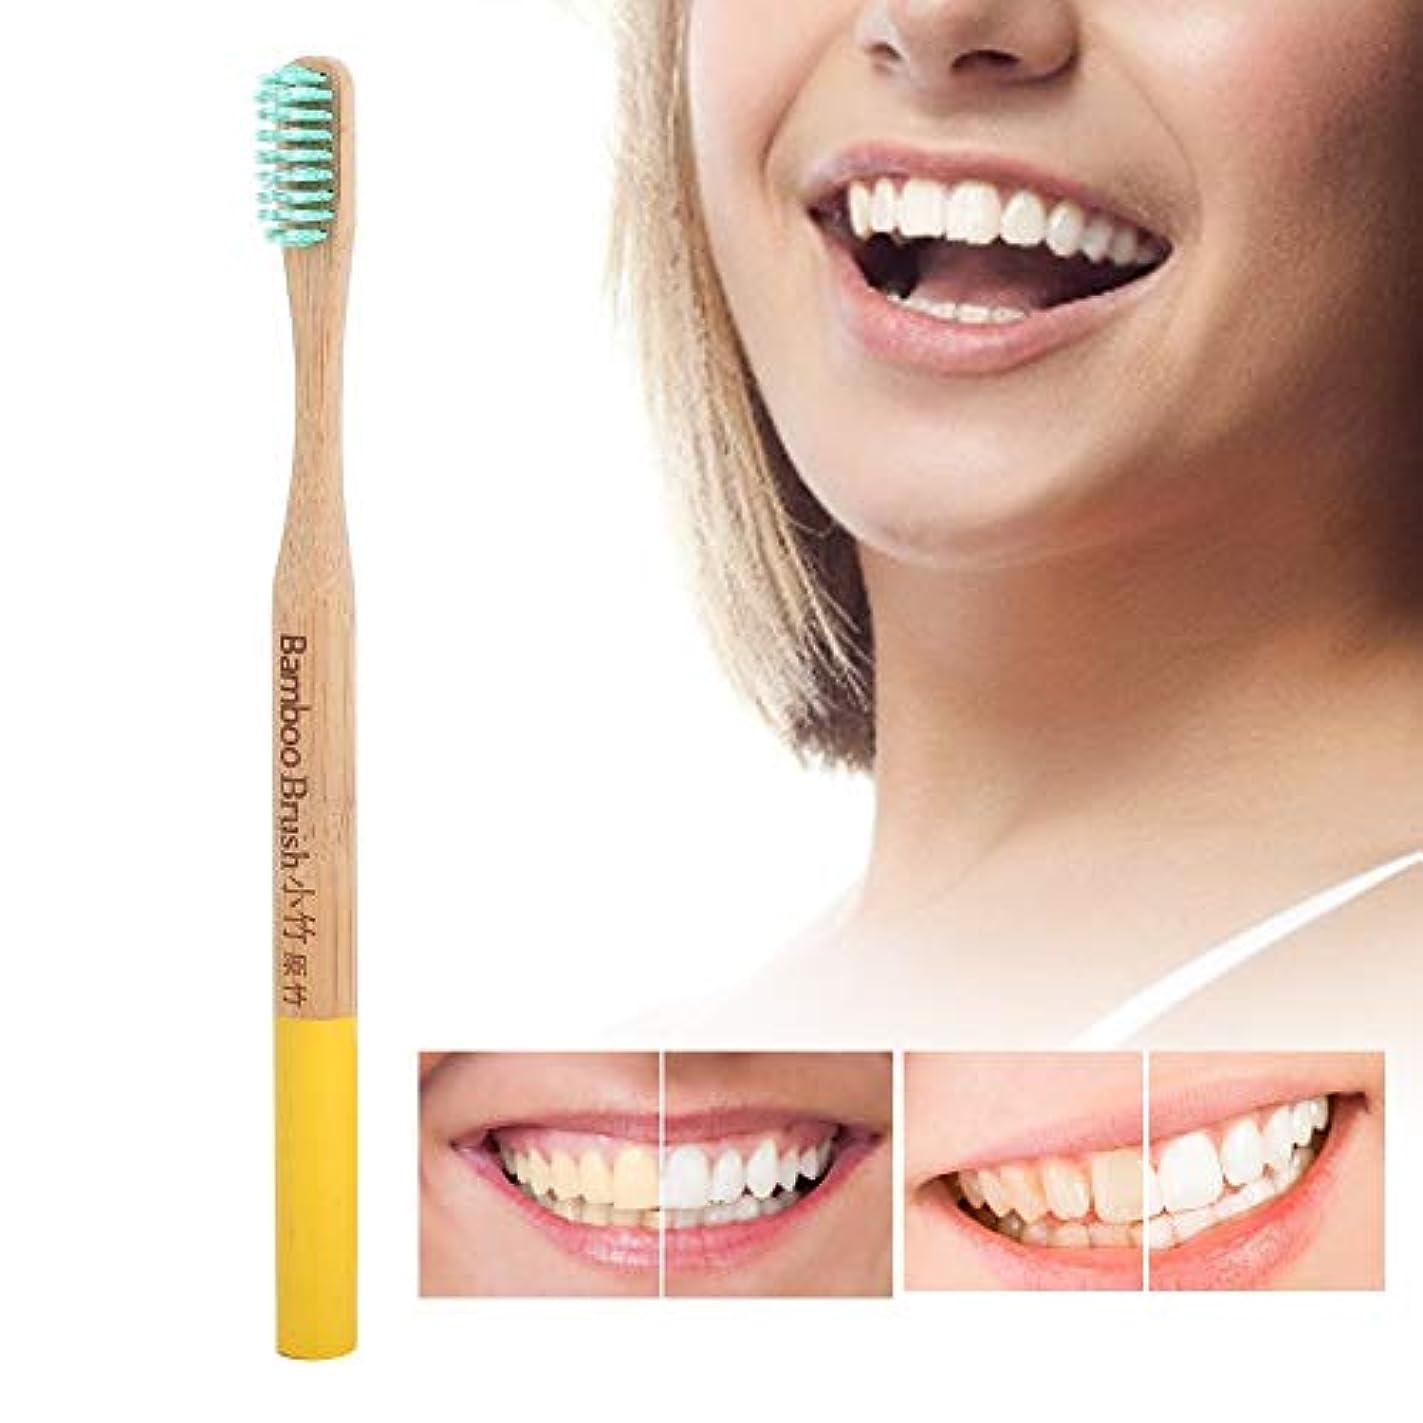 ボーダー認知害虫歯ブラシソフト細毛竹柄歯ブラシ国内タイプ